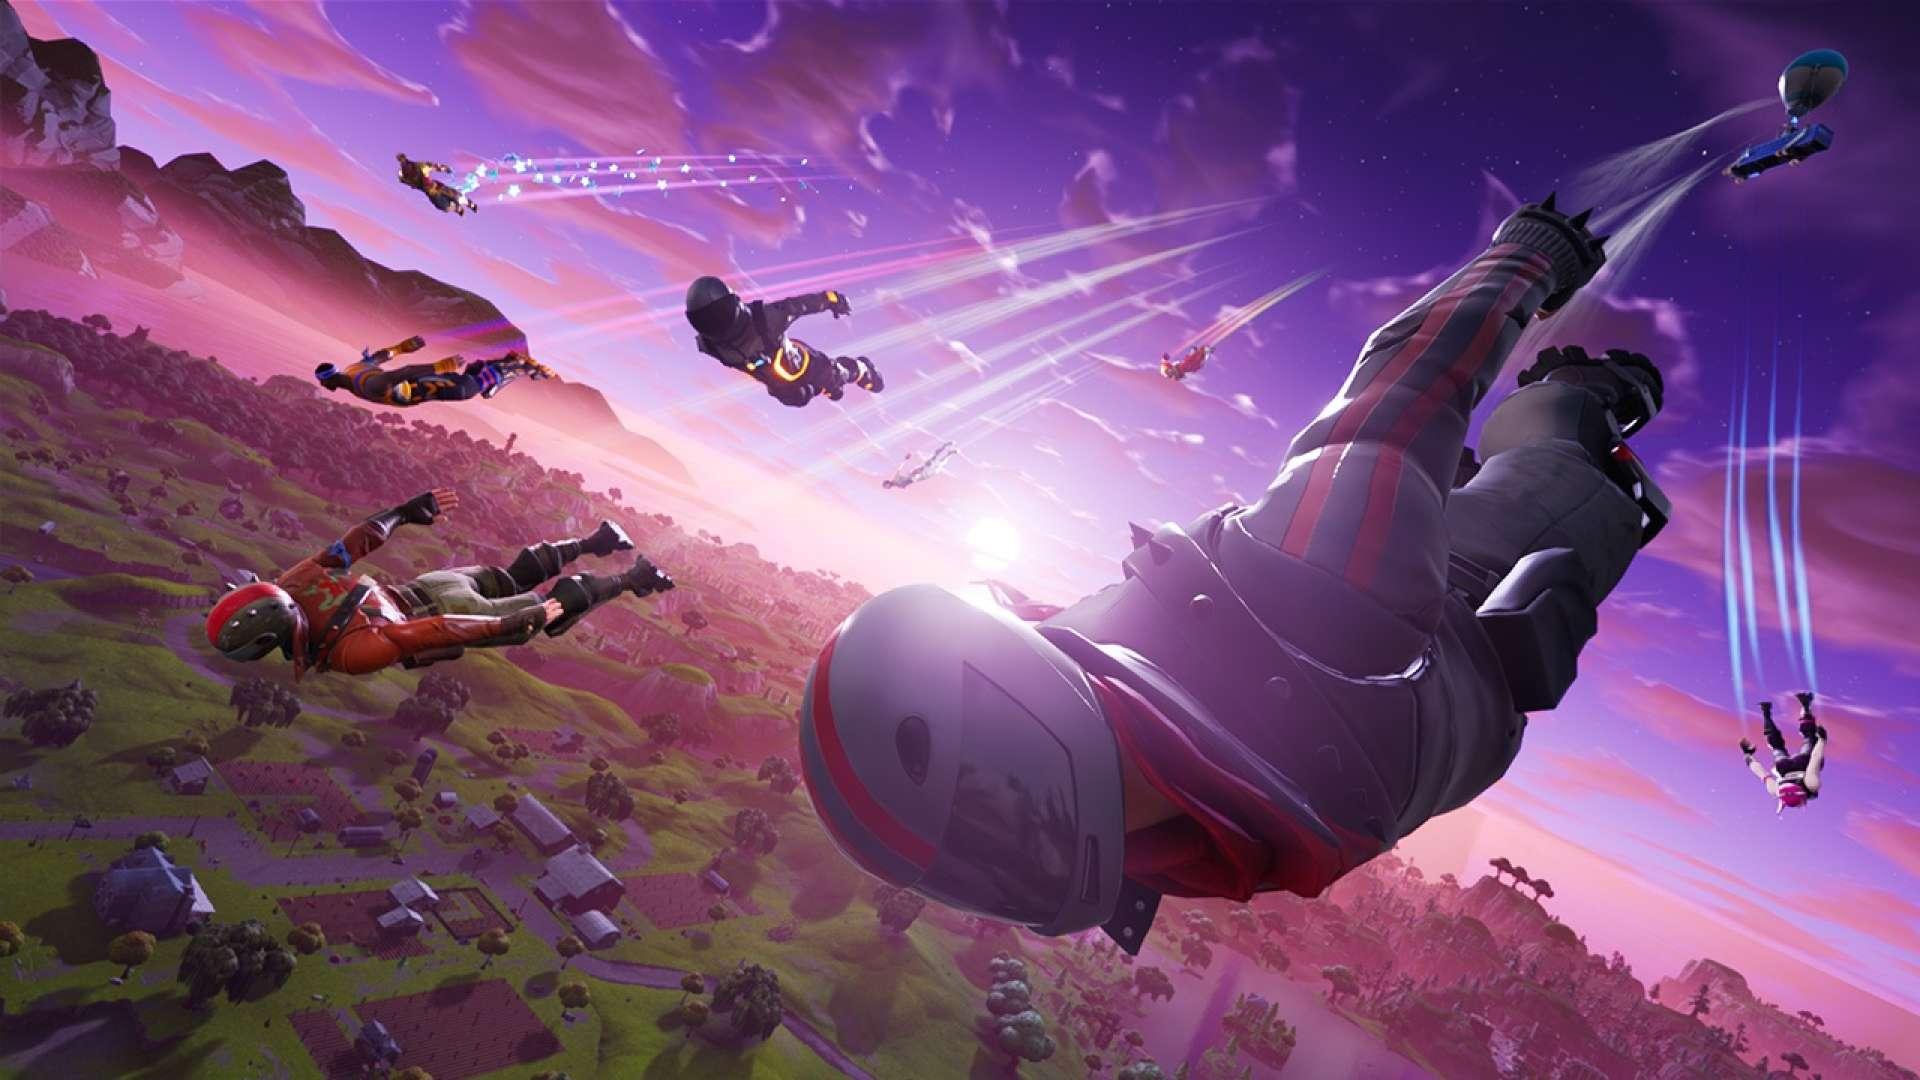 Pixels Battle Royale Qui Remportera Le Titre Du Meilleur